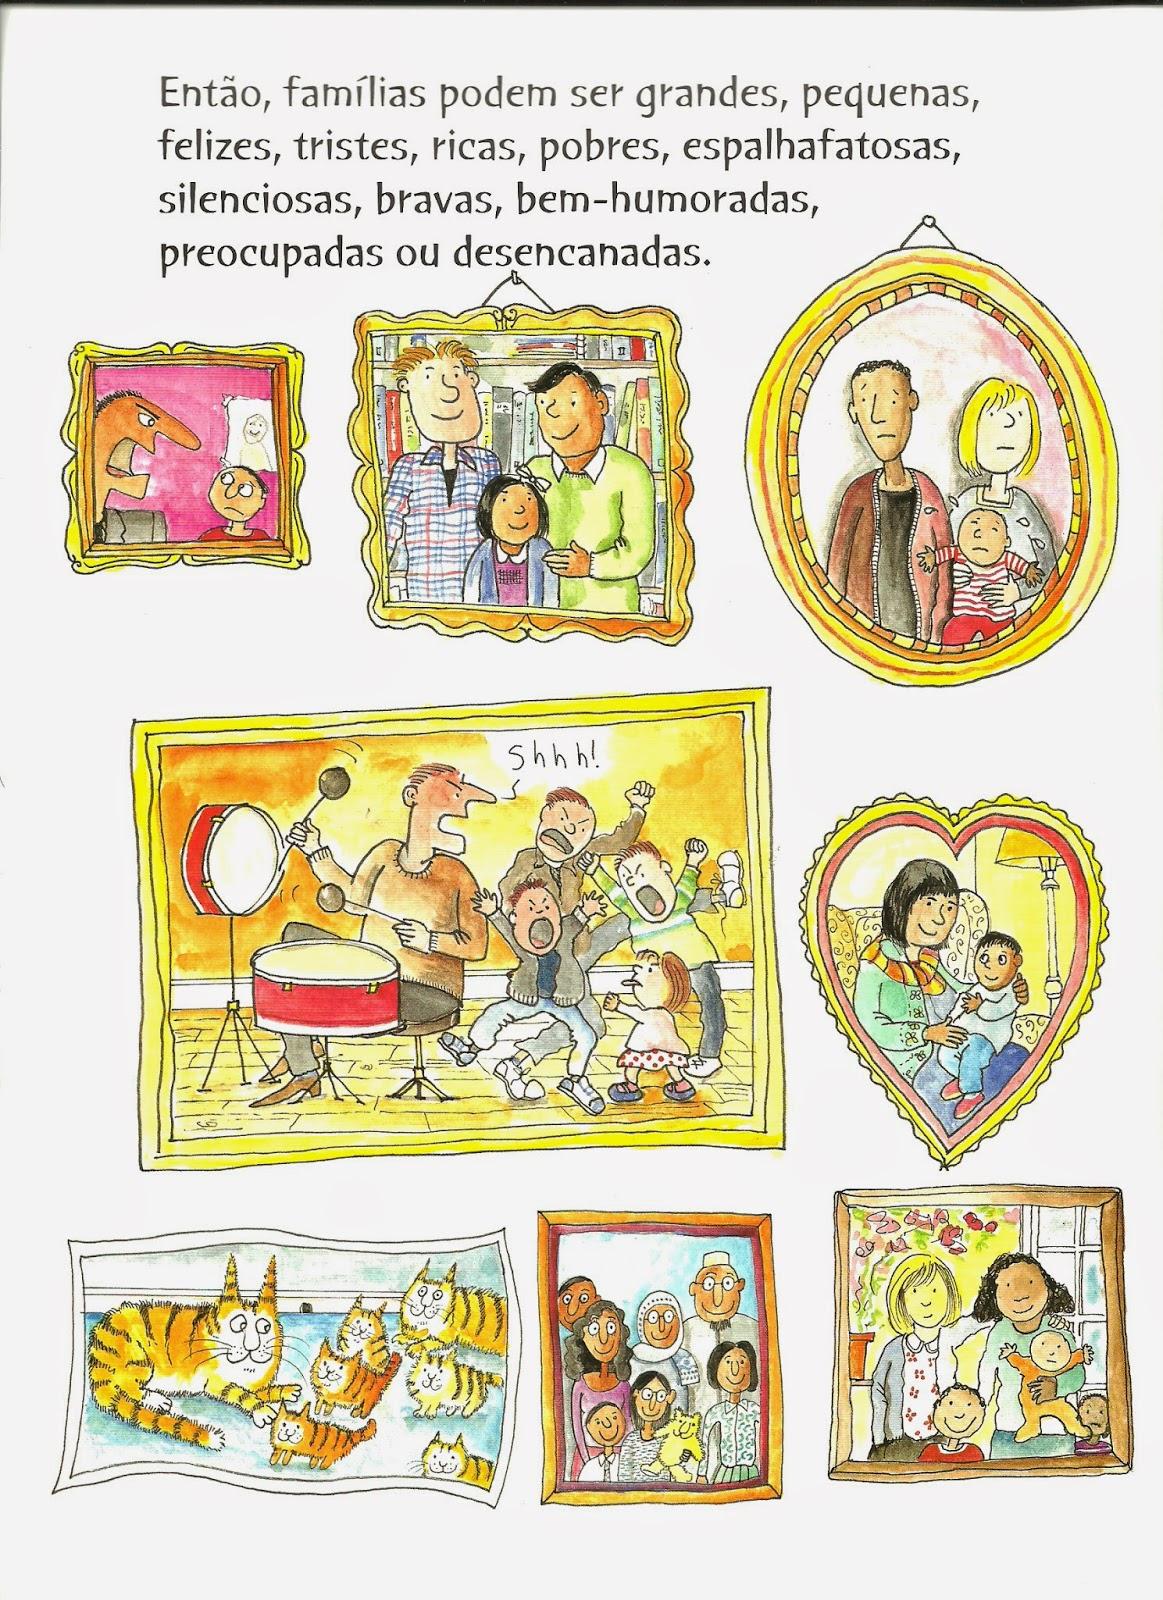 44b34a21d51 Estas duas páginas do livro (acima e abaixo) apresentam molduras que  mostram o estado de humor das diferentes famílias. As duas famílias  homoafetivas são ...